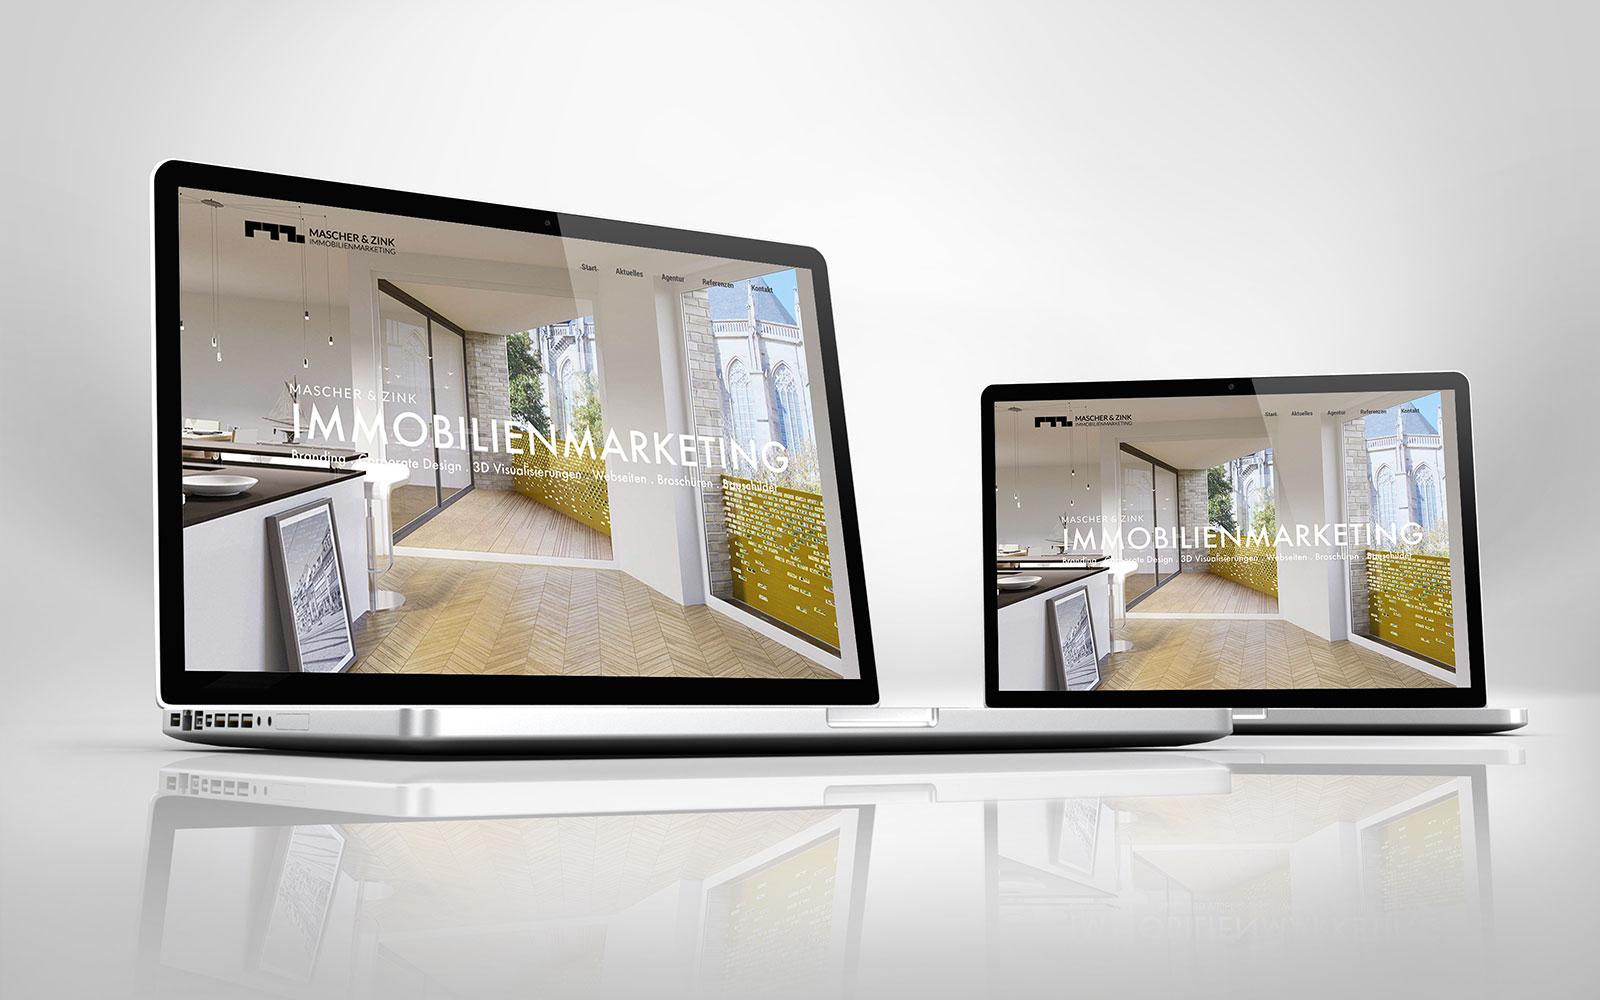 MASCHER & ZINK Immobilienmarketing geht online